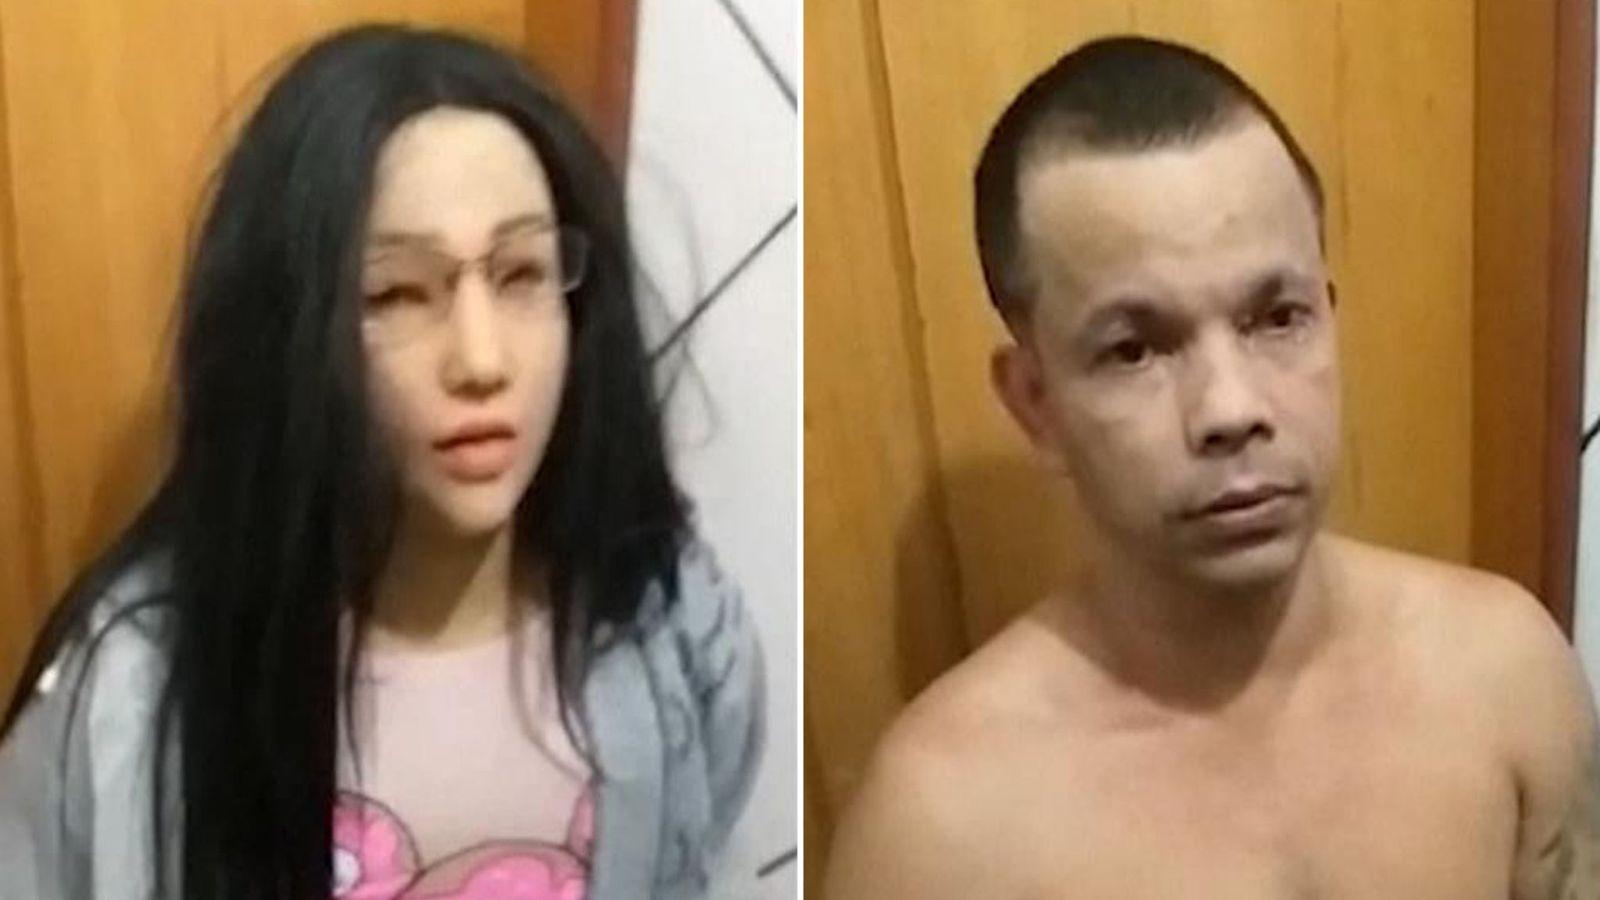 خودکشی قاچاقچی مواد مخدر پس از ناکامی در فرار از زندان با ماسک و لباسهای دخترش [تماشا کنید]